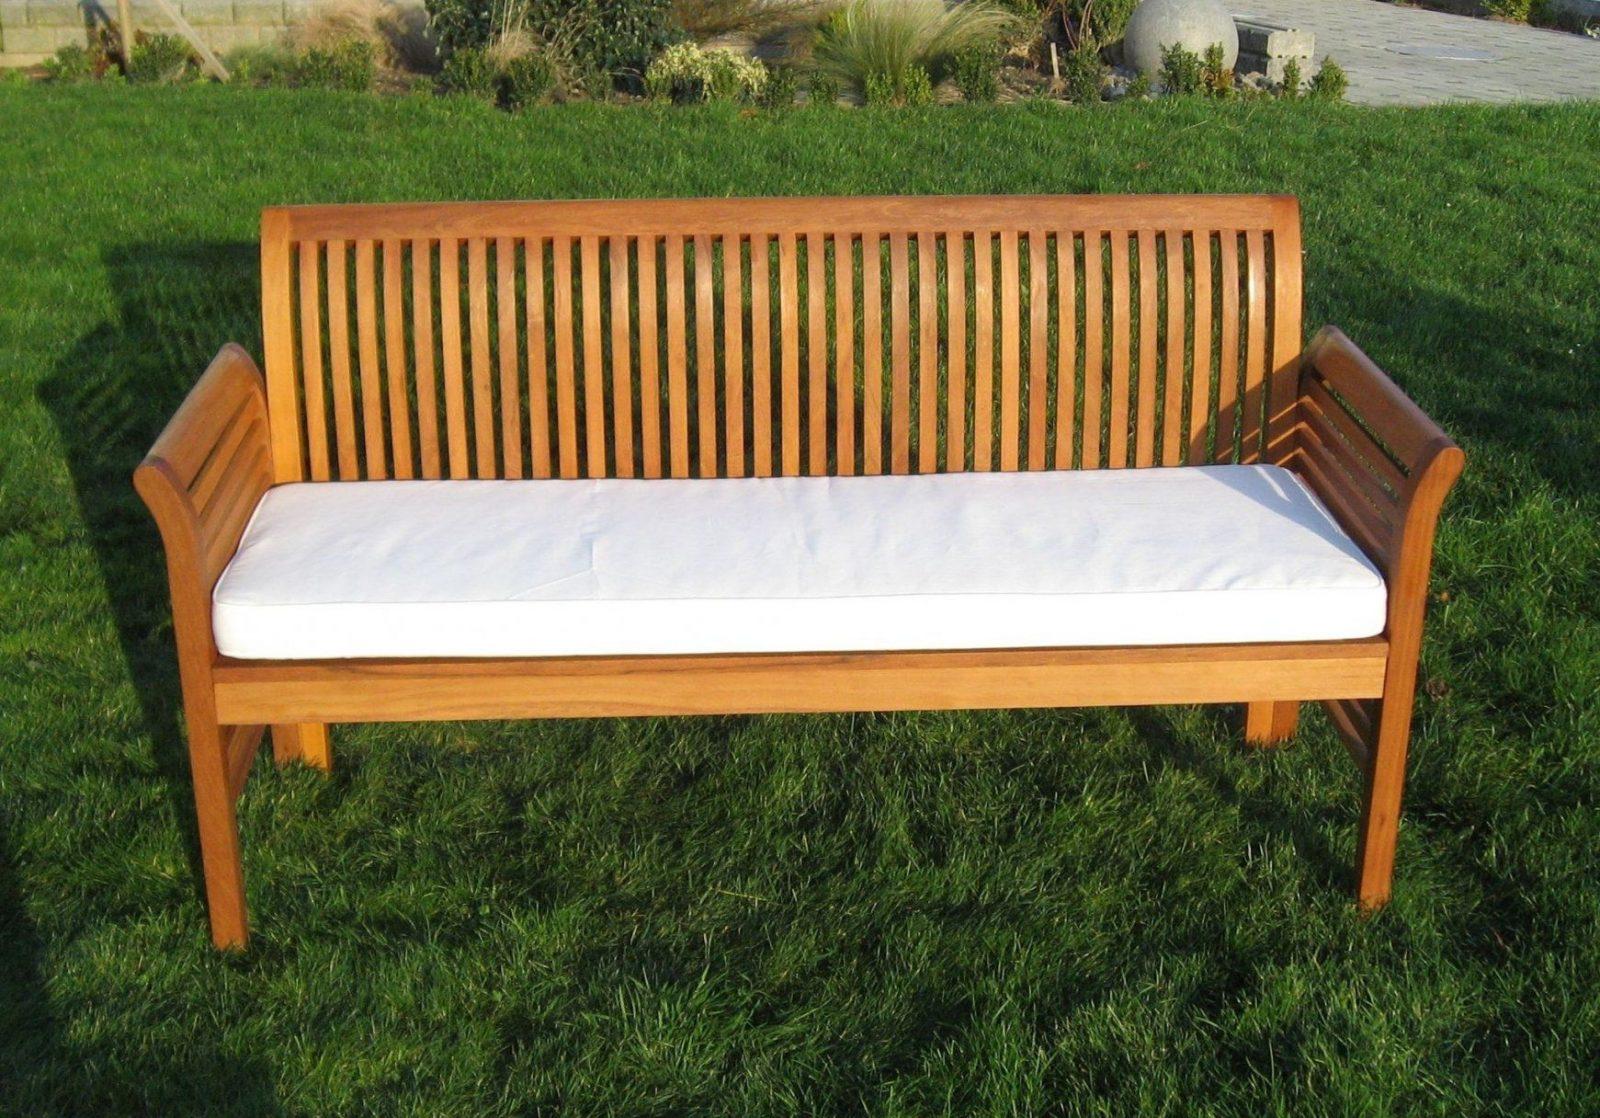 Moebelpartner 4Sitzer Gartenbank Aus Eukalyptusholz Fsc Mit von Gartenbank Holz 4 Sitzer Bild